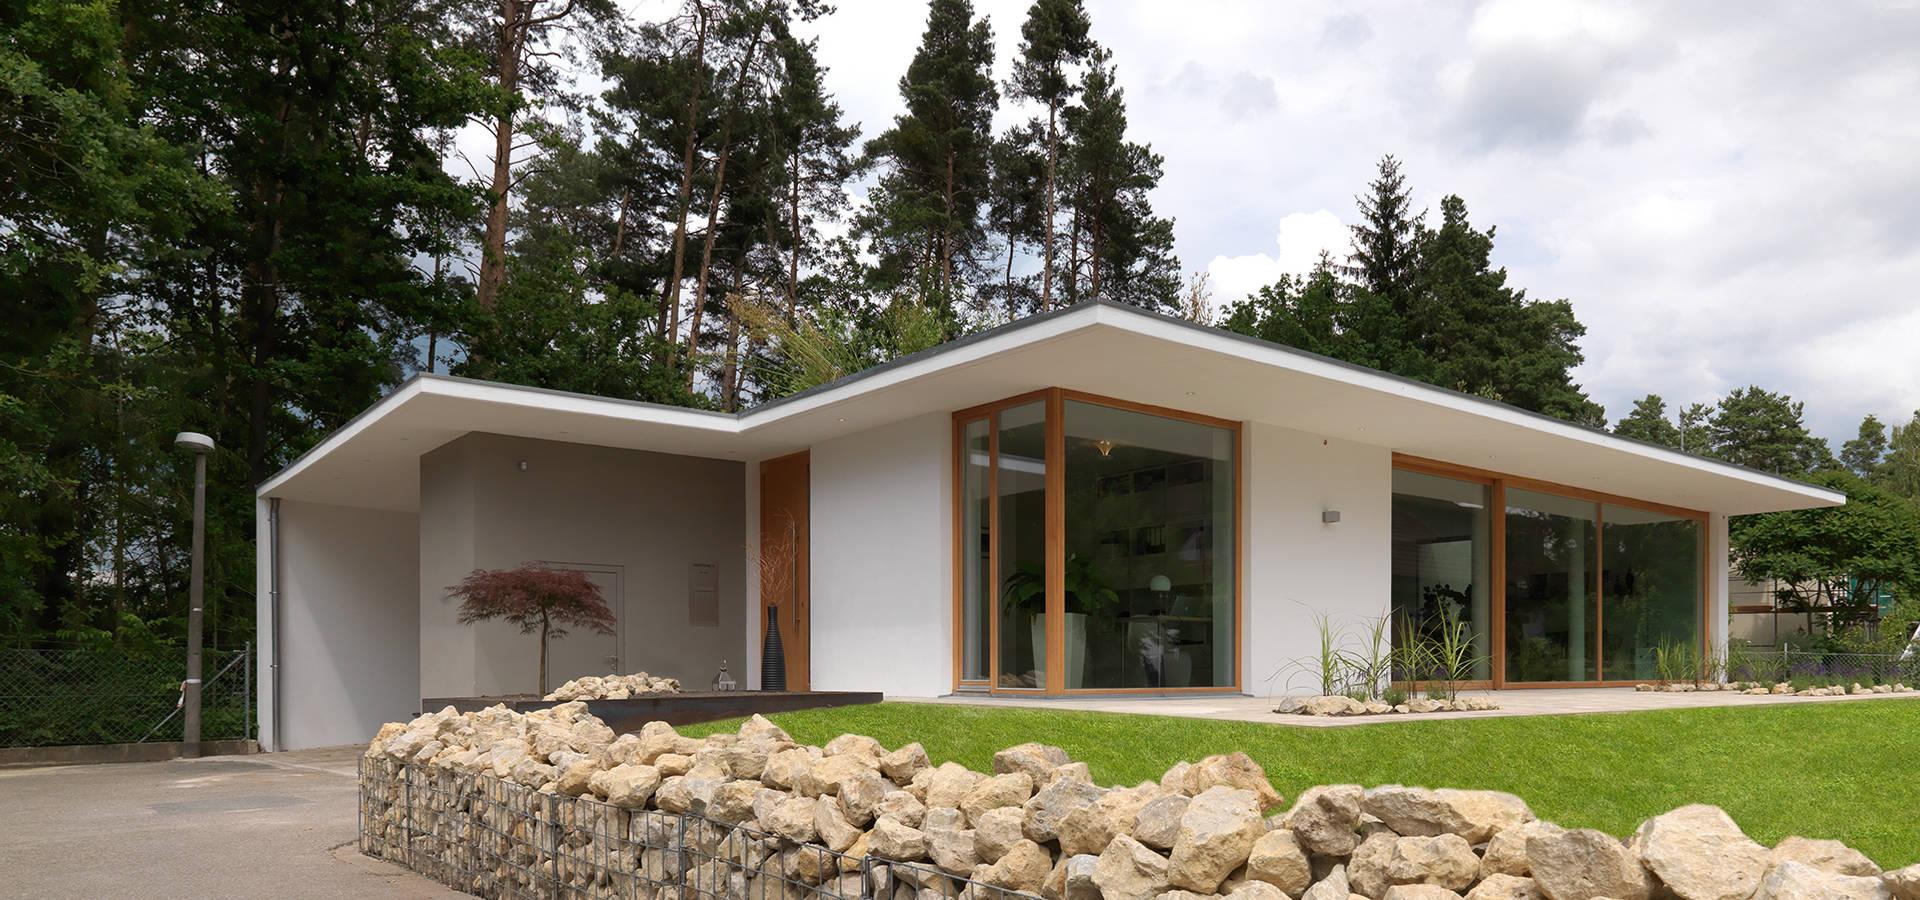 Bungalow am Hang von Bermüller + Hauner Architekturwerkstatt | homify